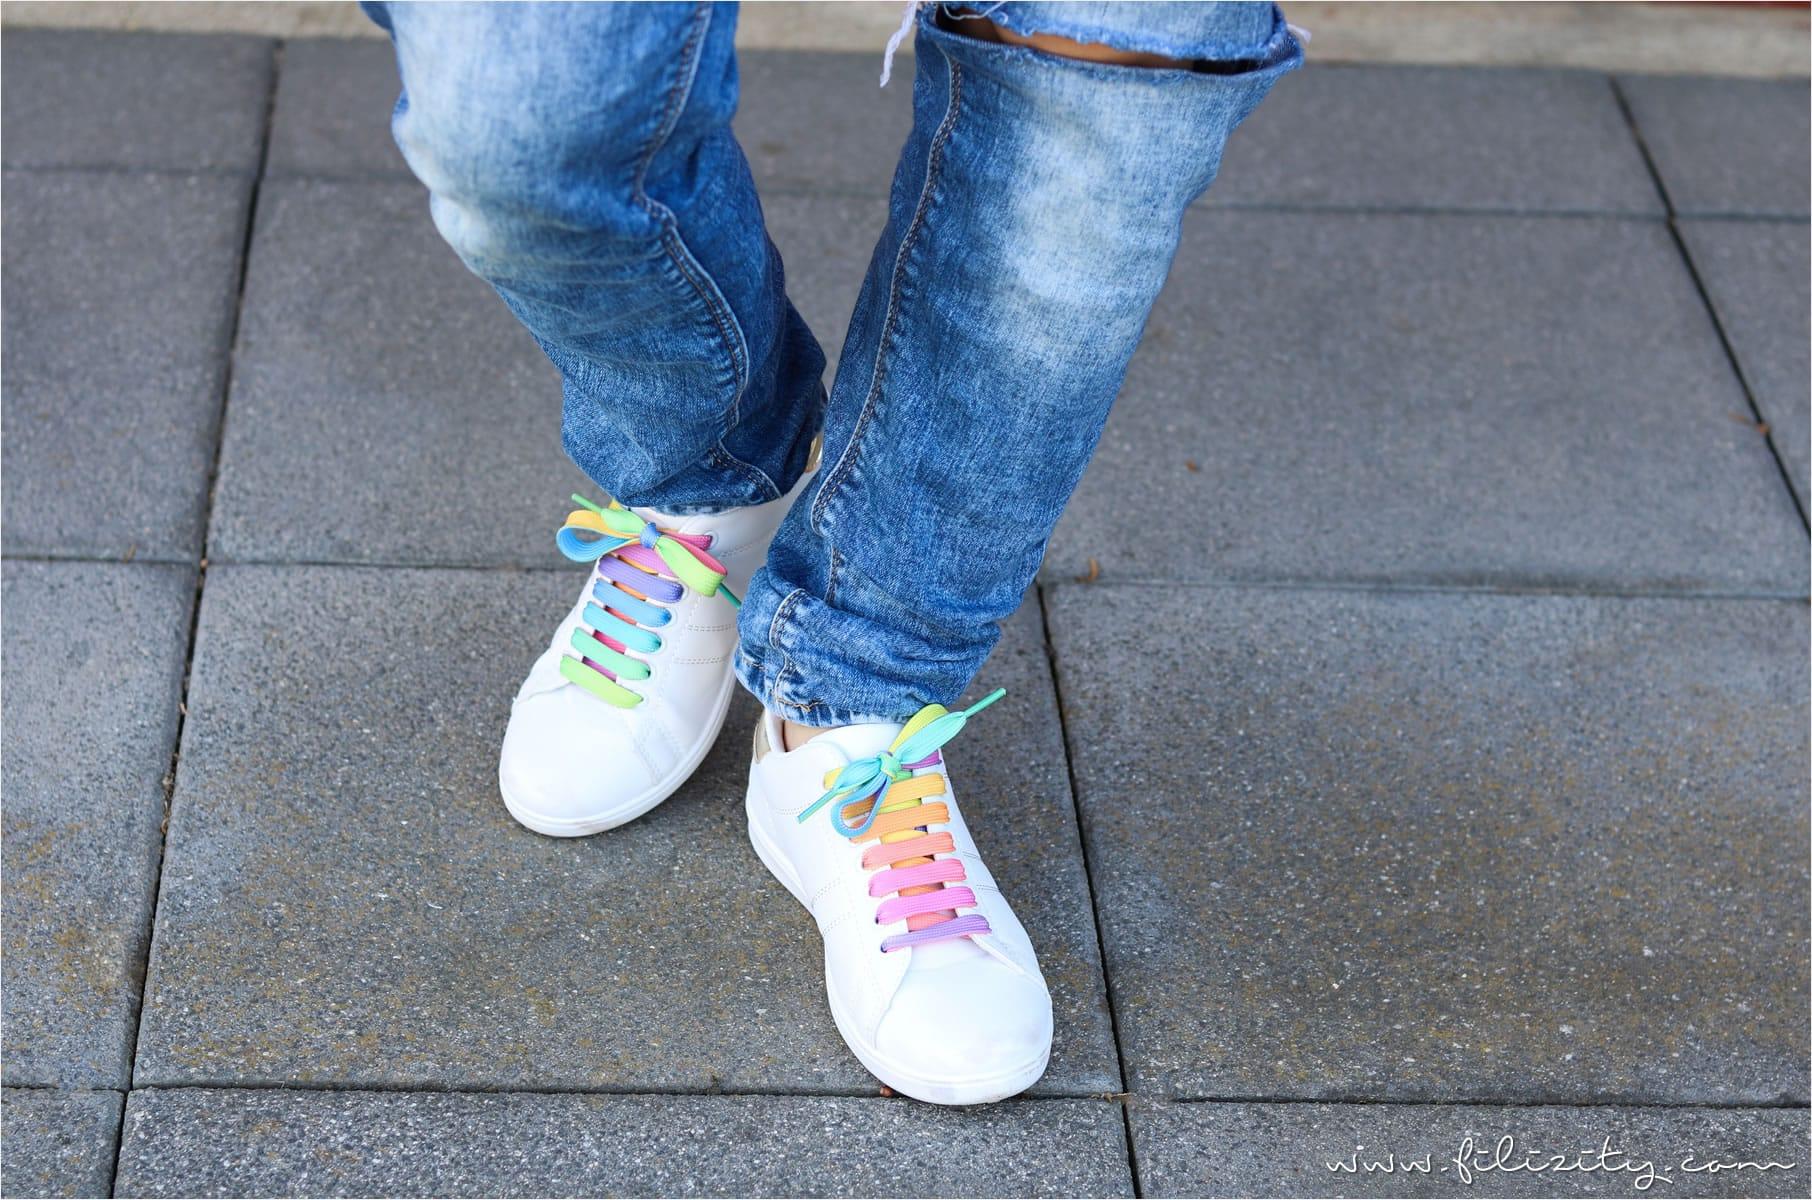 02e7ffe729c520 Easy-Peasy-DIY für EInhornfans  So einfach kannst du dir tragbare  Regenbogen- und Einhorn-Accessoires wie diese Einhorn-Schuhe selber machen.